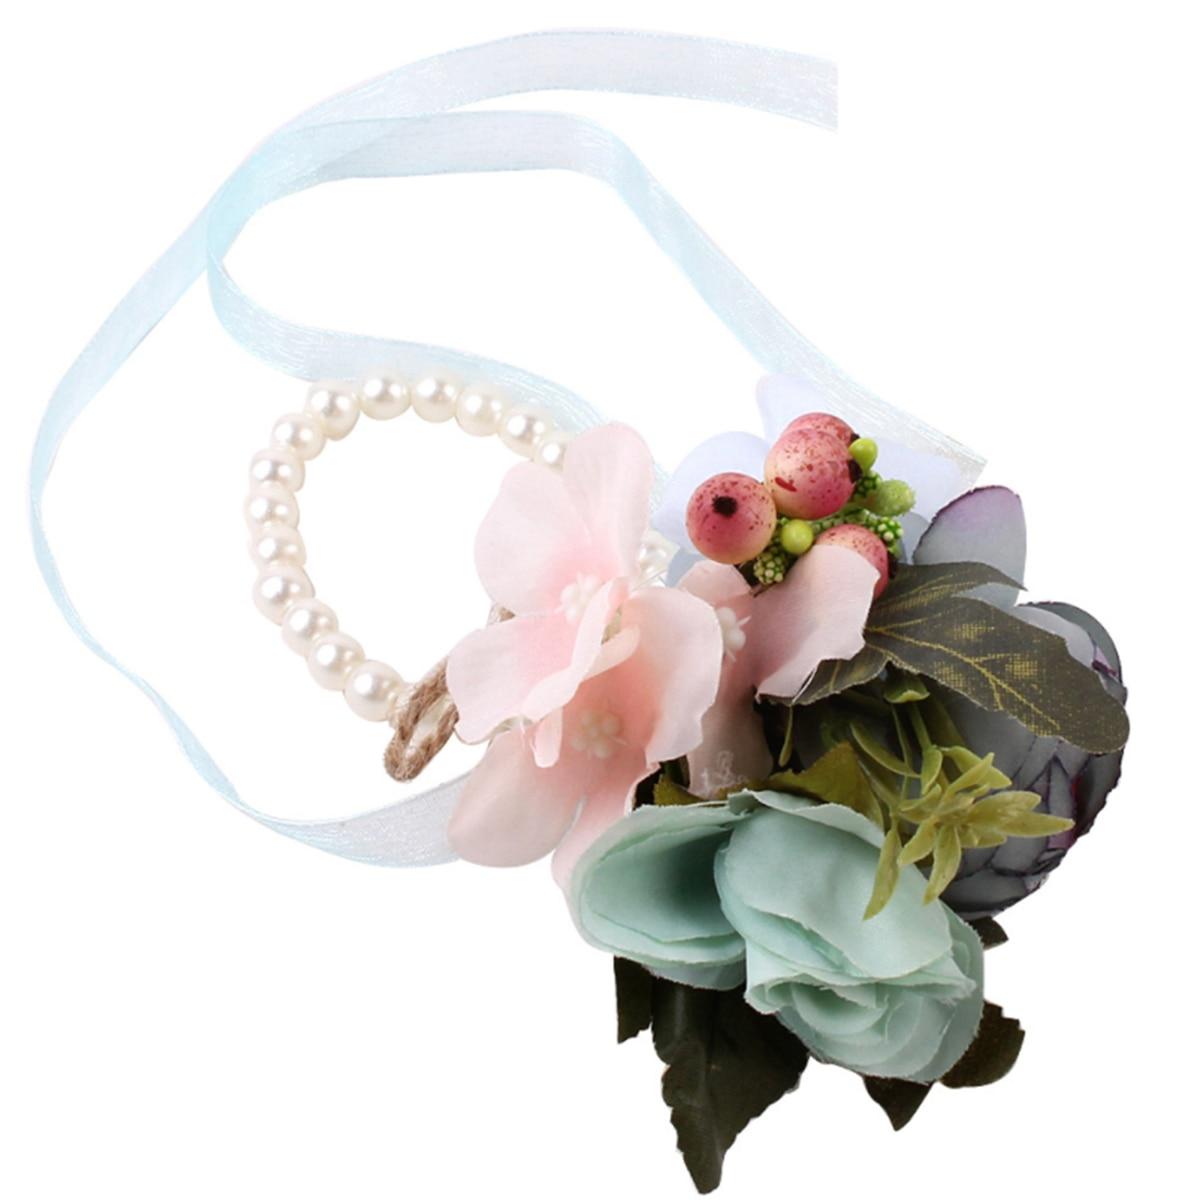 2019 Mode Künstliche Blume Perle Armband Band Stretch-armband Handgemachte Blume Handgelenk Corsage Für Hochzeit Festival Durch Wissenschaftlichen Prozess